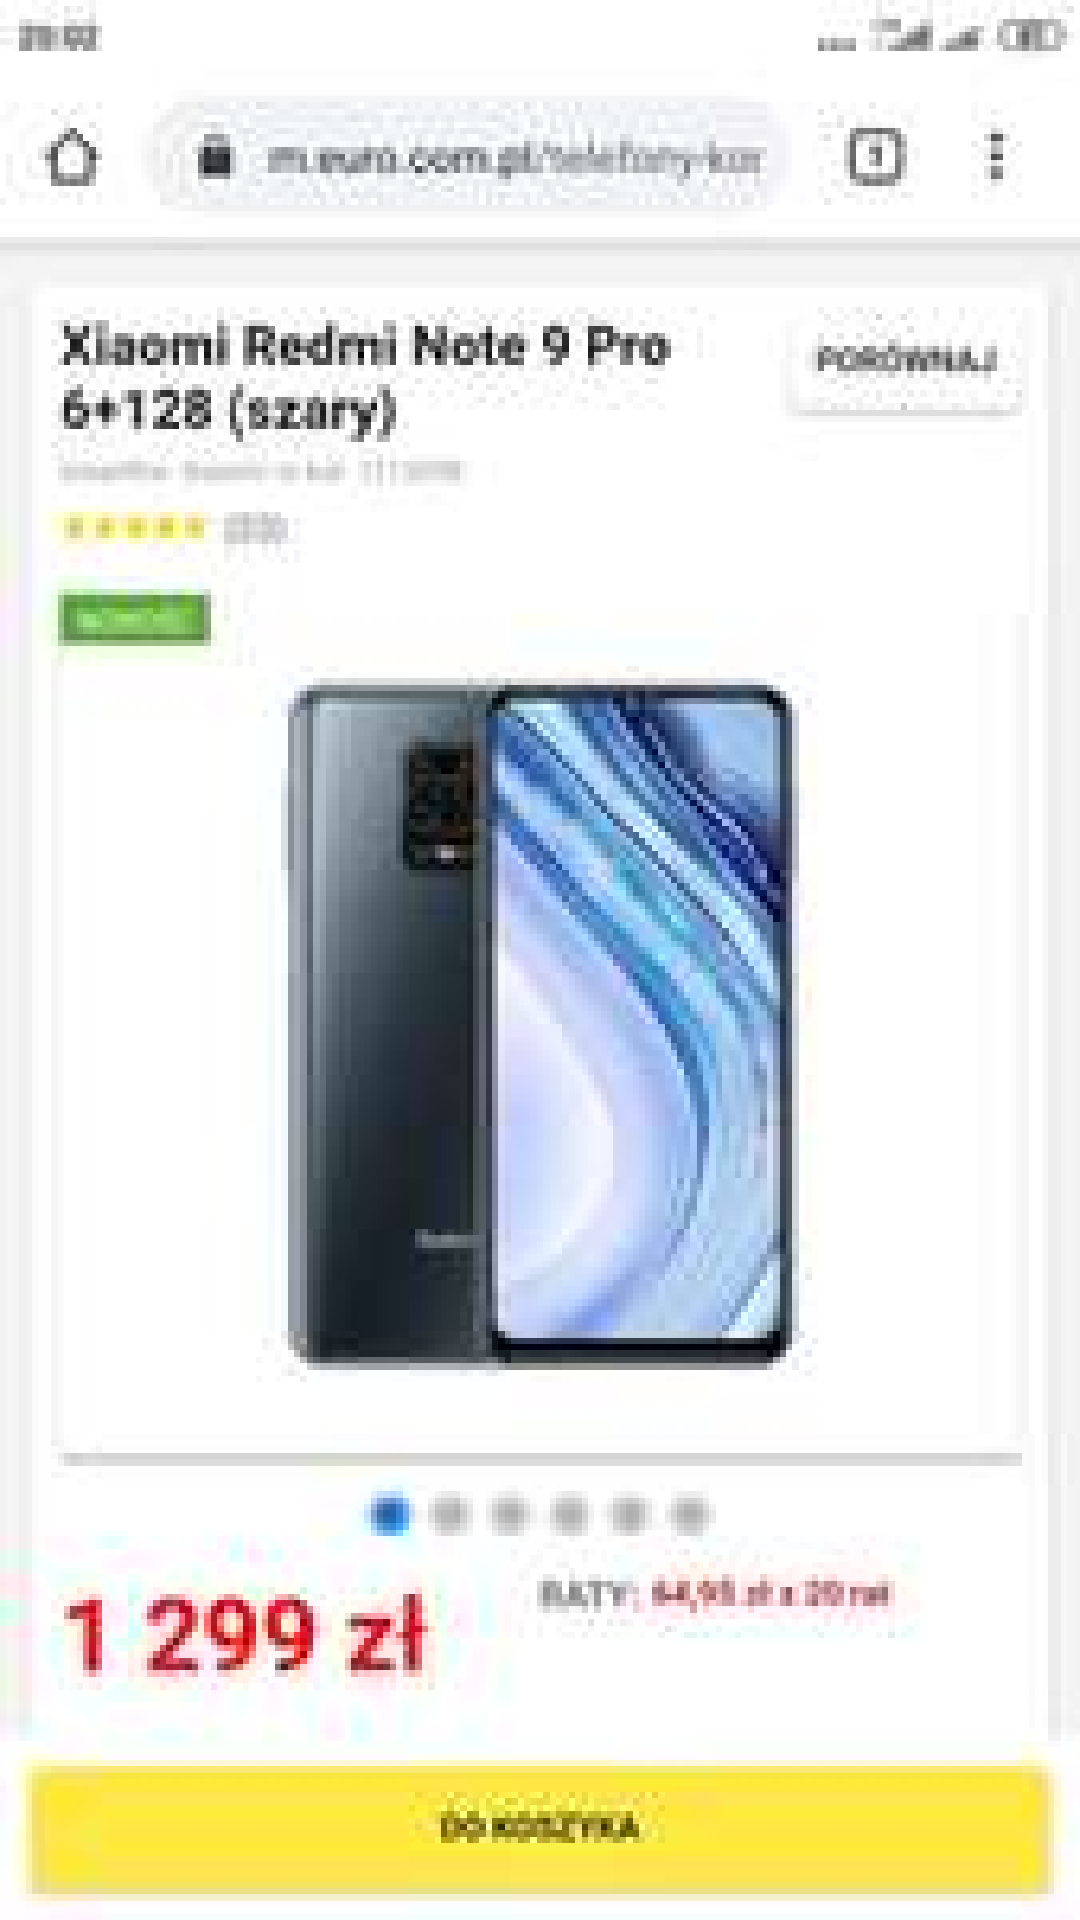 Xiaomi Redmi Note 9 Pro 6+128